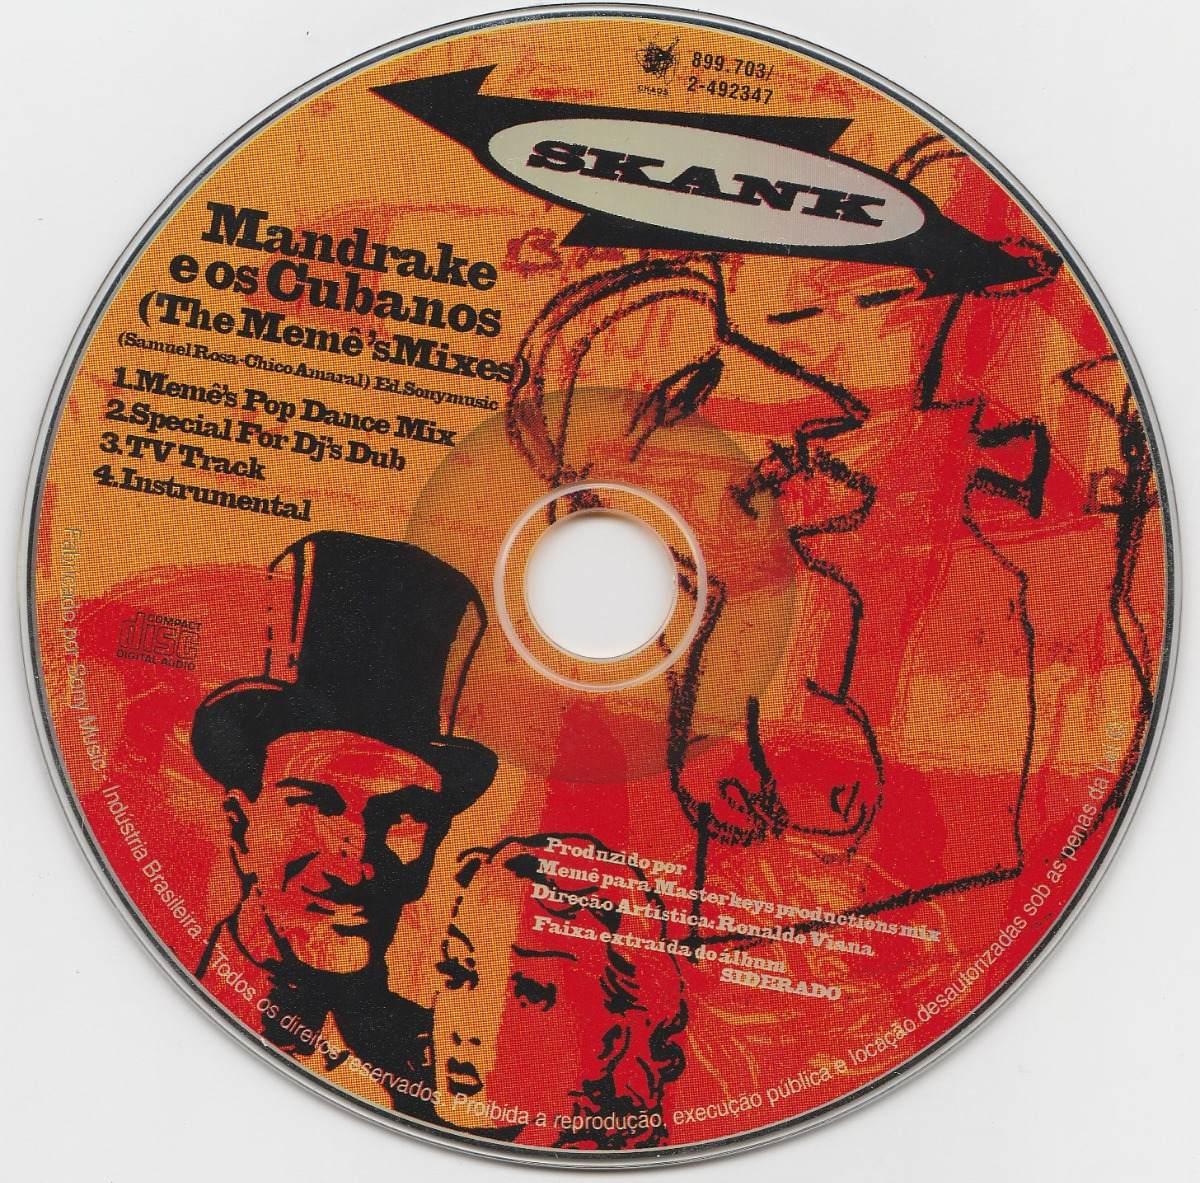 musica skank mandrake e os cubanos